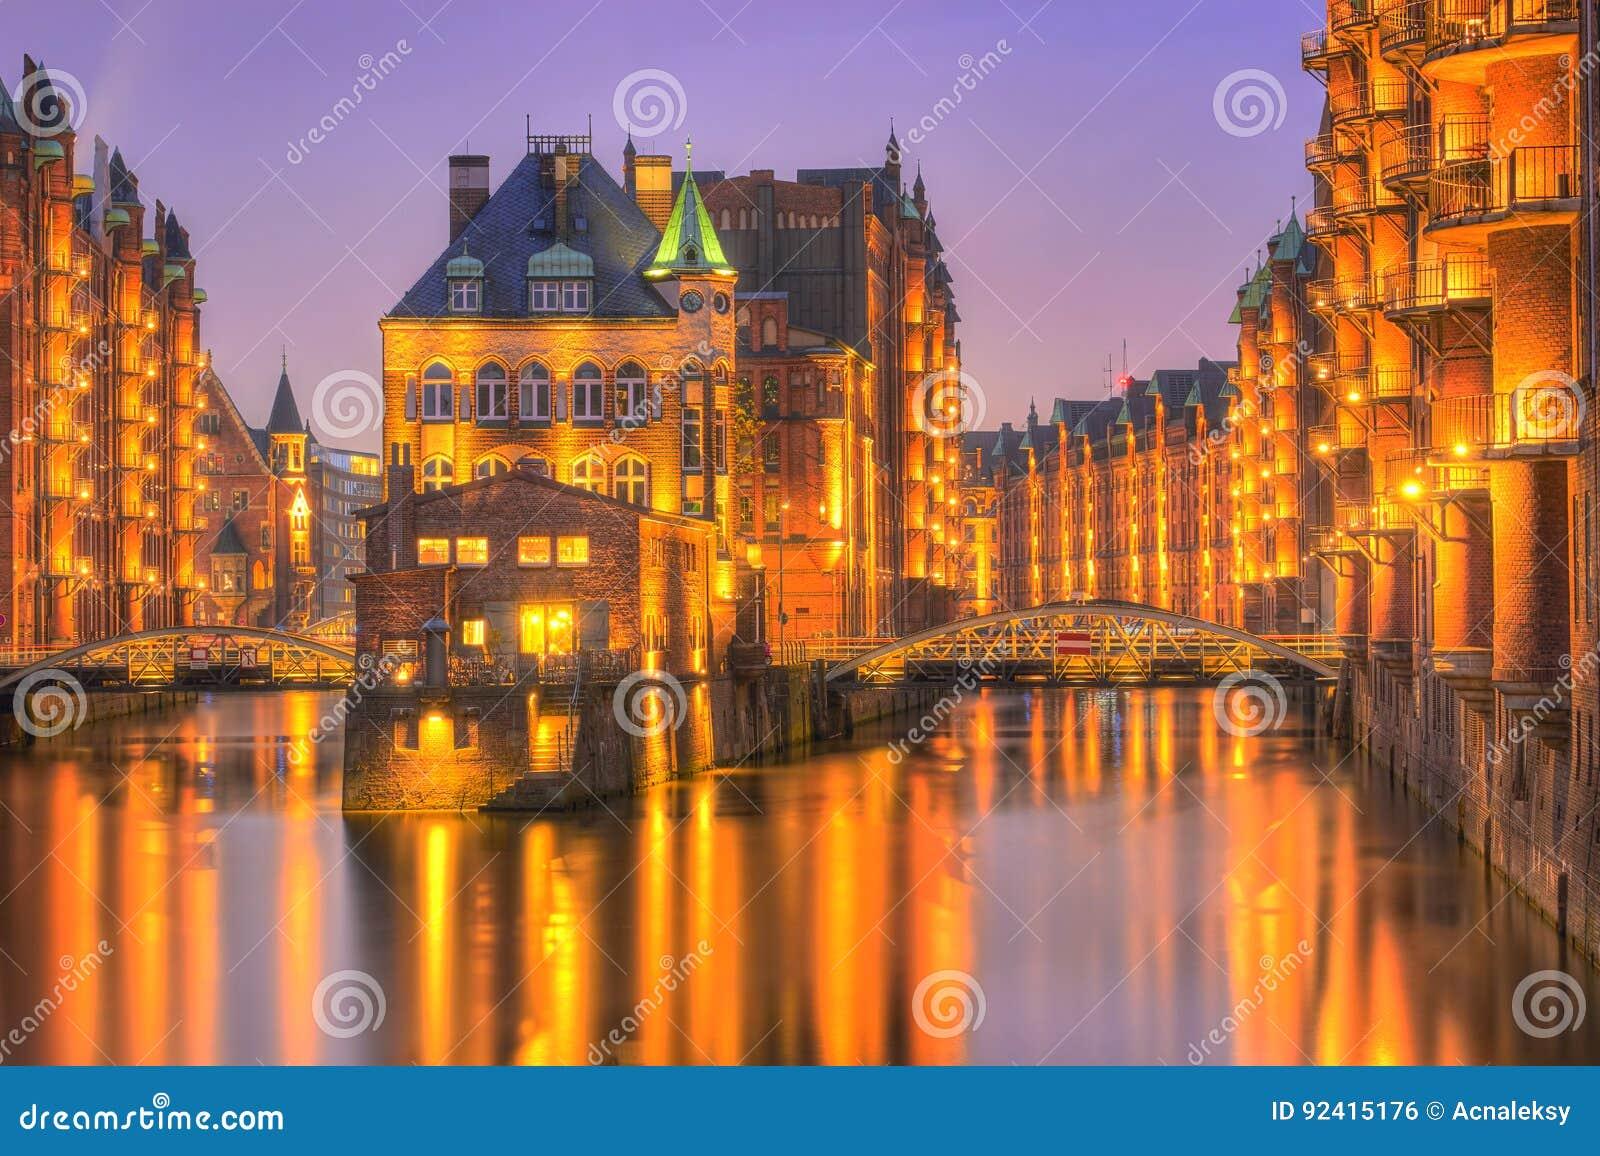 Speicherstadt histórico, castillo del agua en la tarde en Hamburgo,